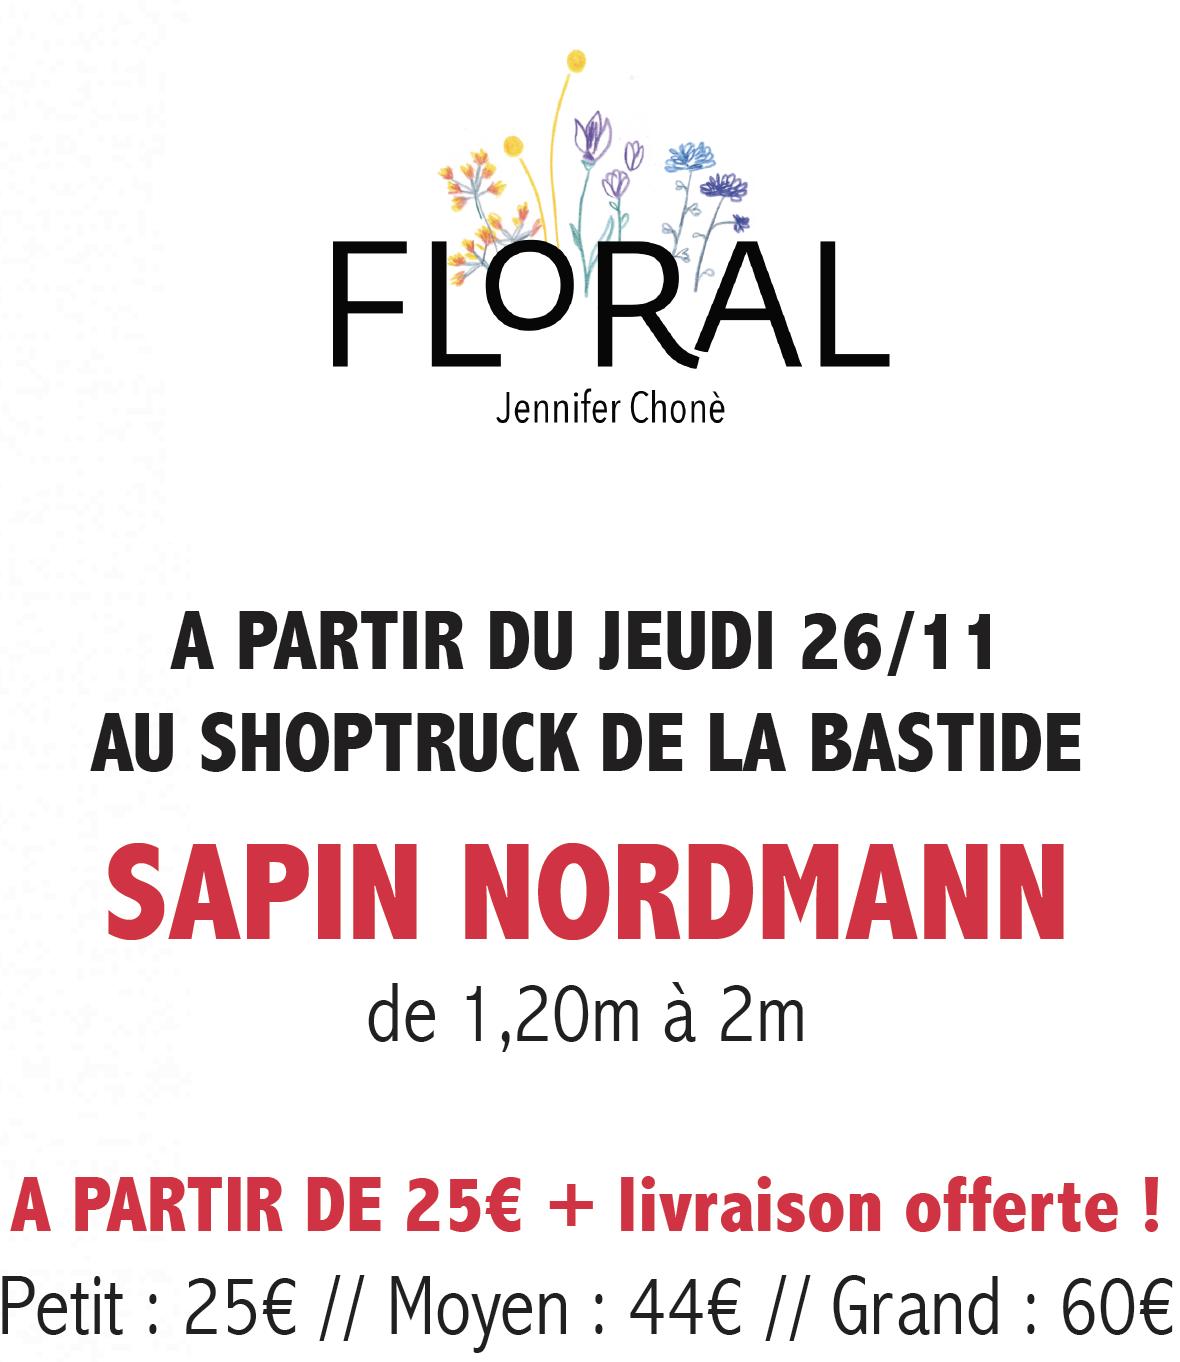 LES COMMERCES DE LA BASTIDE-Affiche-Floral-2020-12-sapin 3